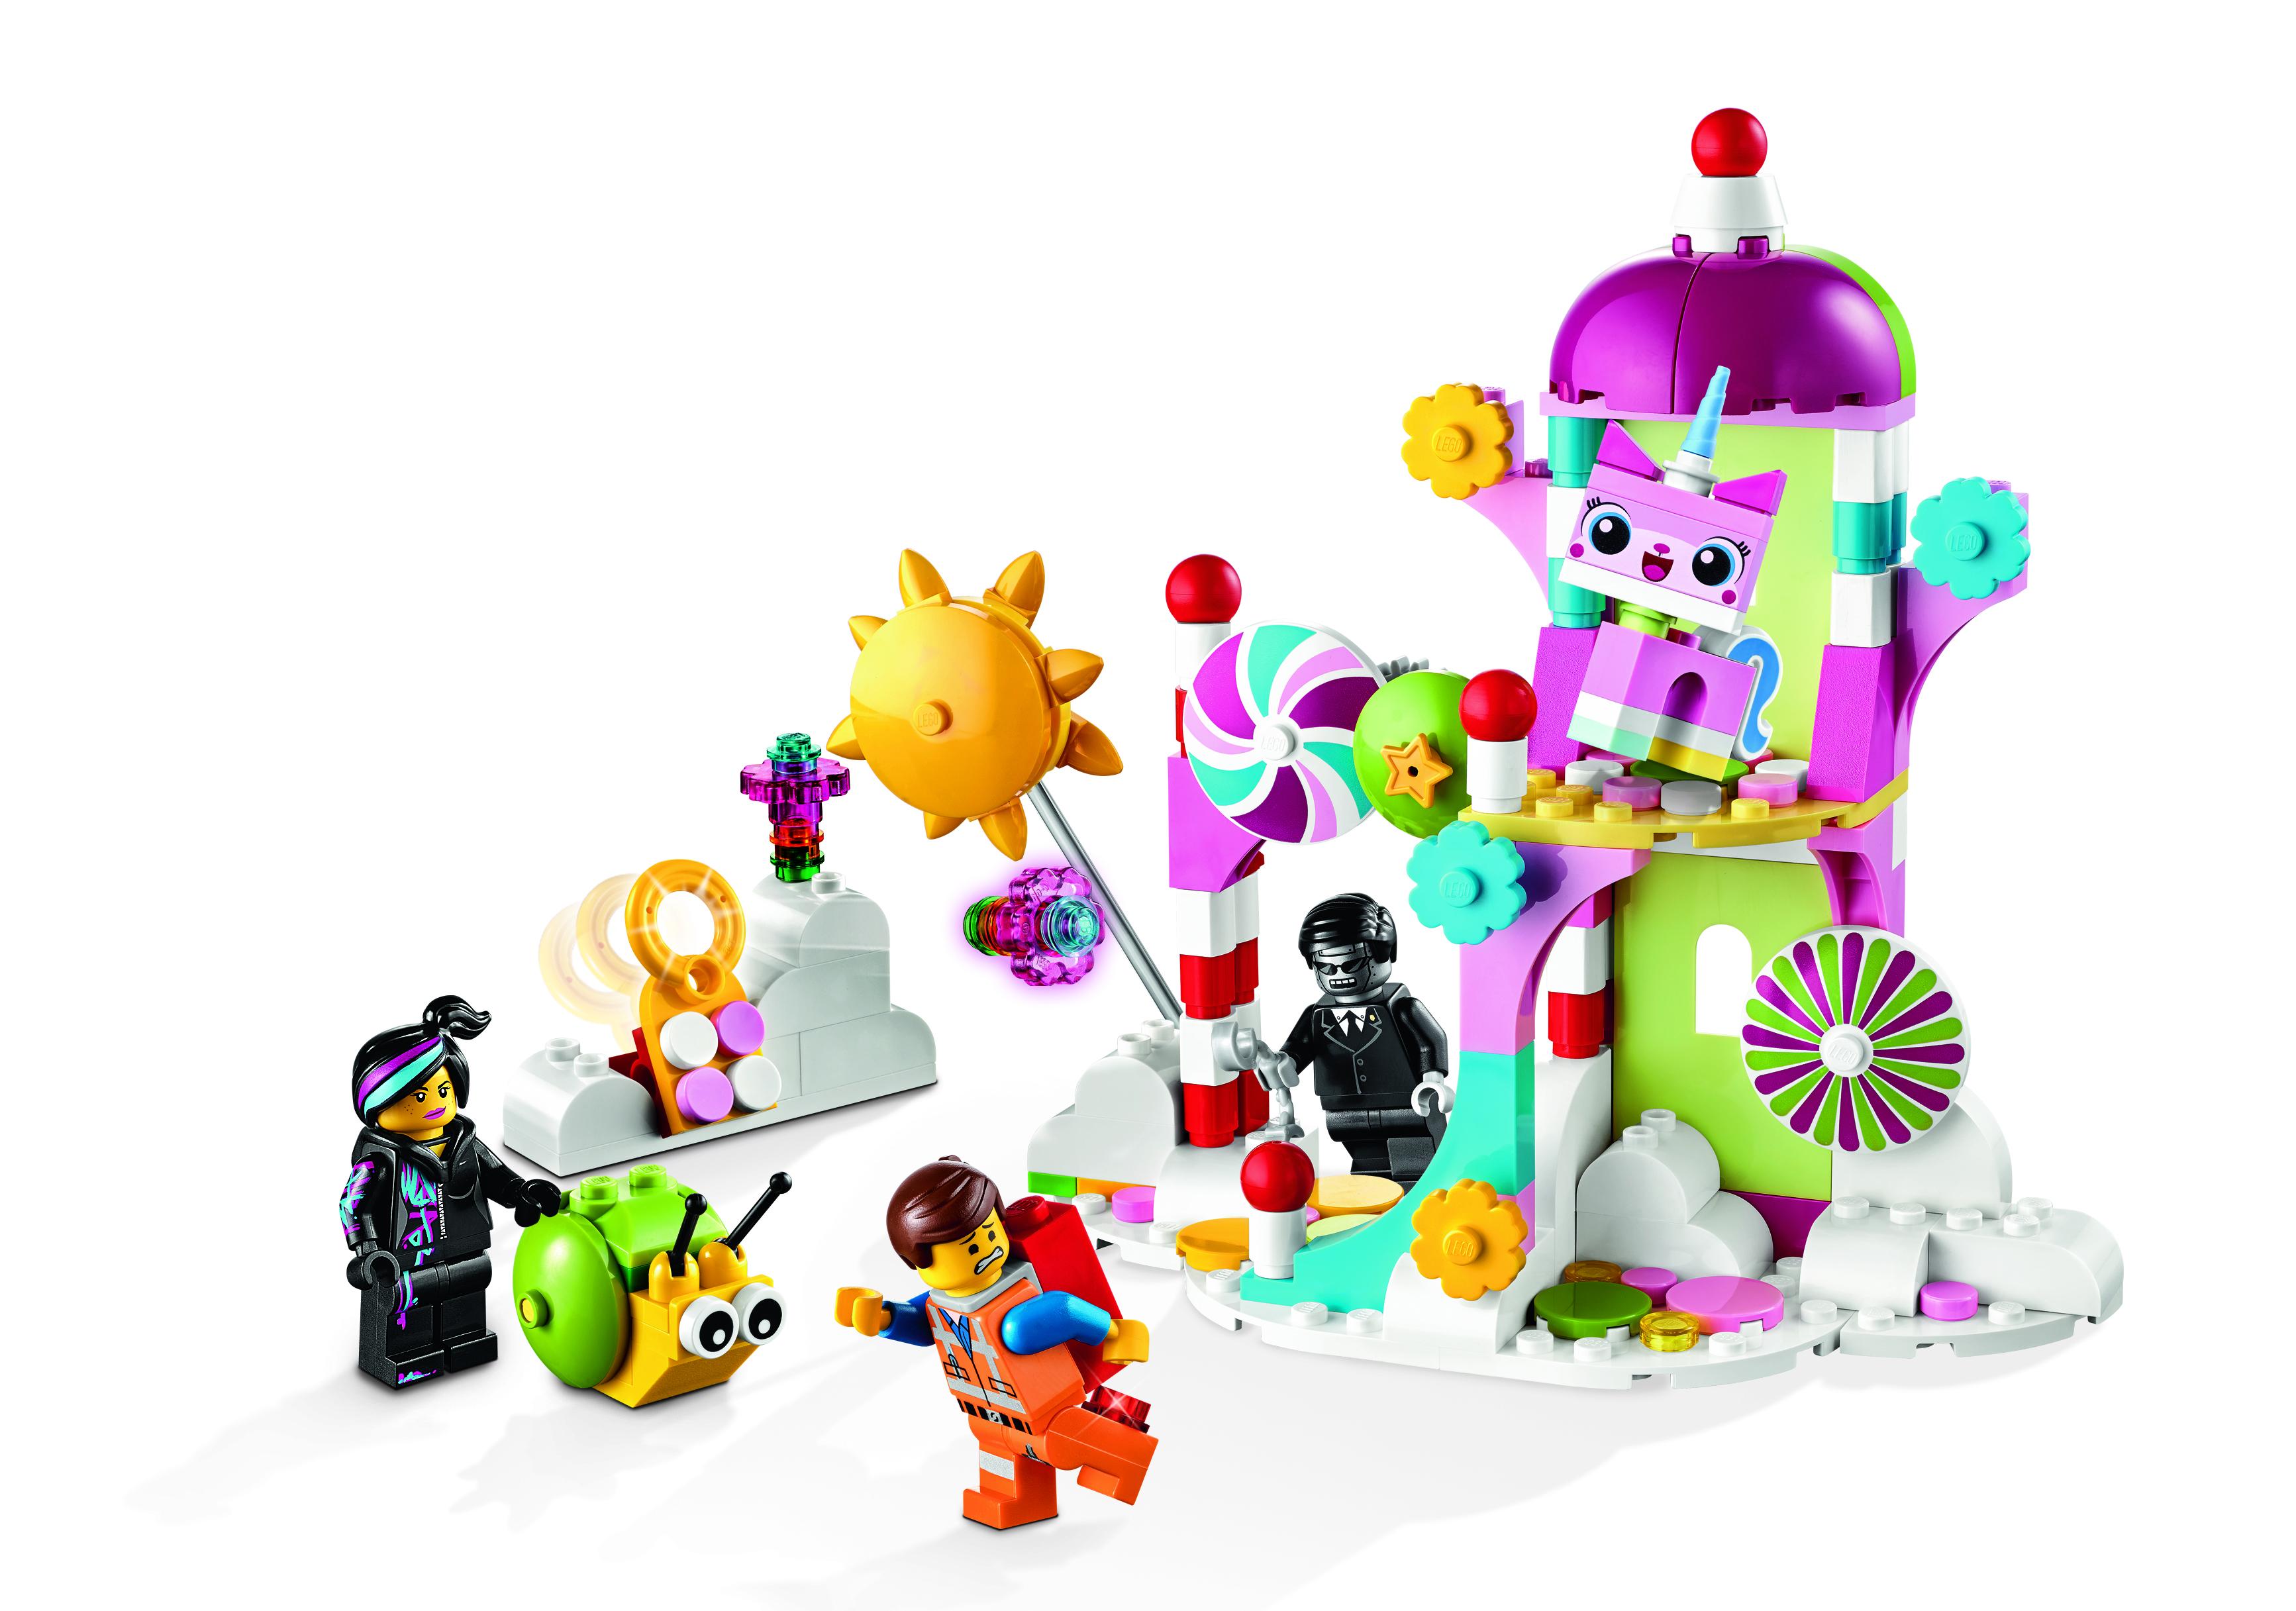 lego movie lego sets - HD2000×1500